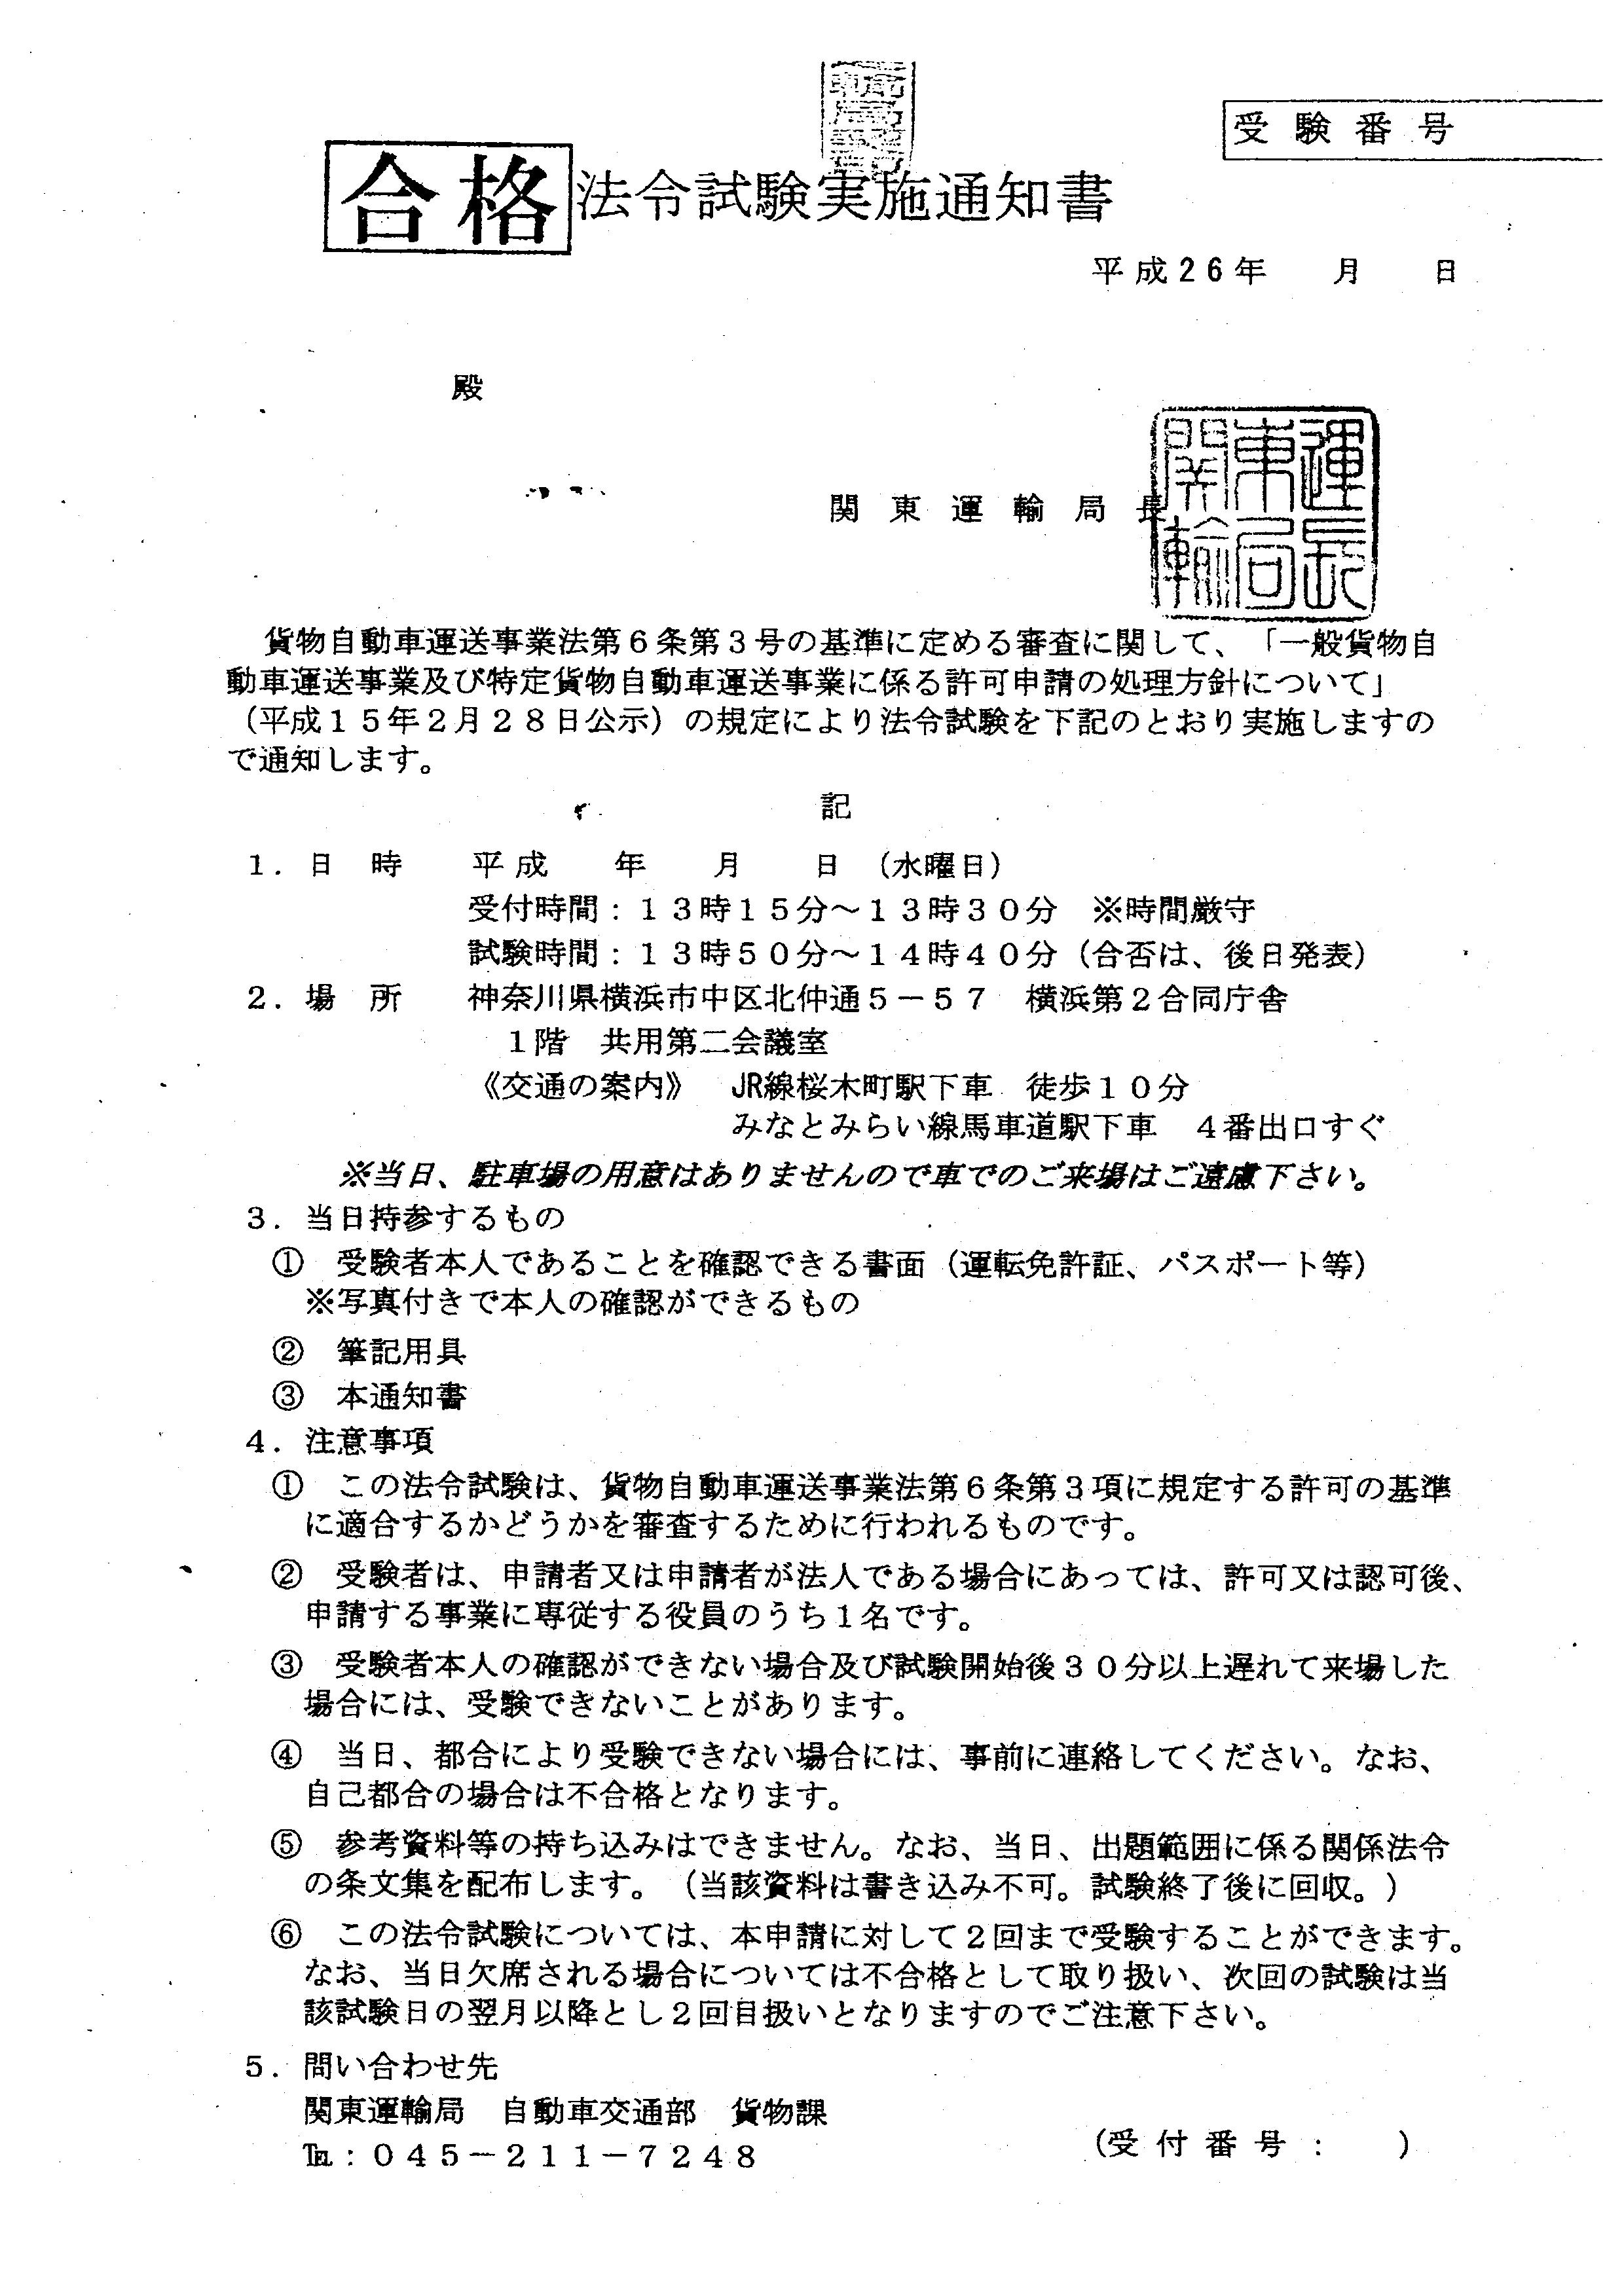 法令試験合格通知書コピー